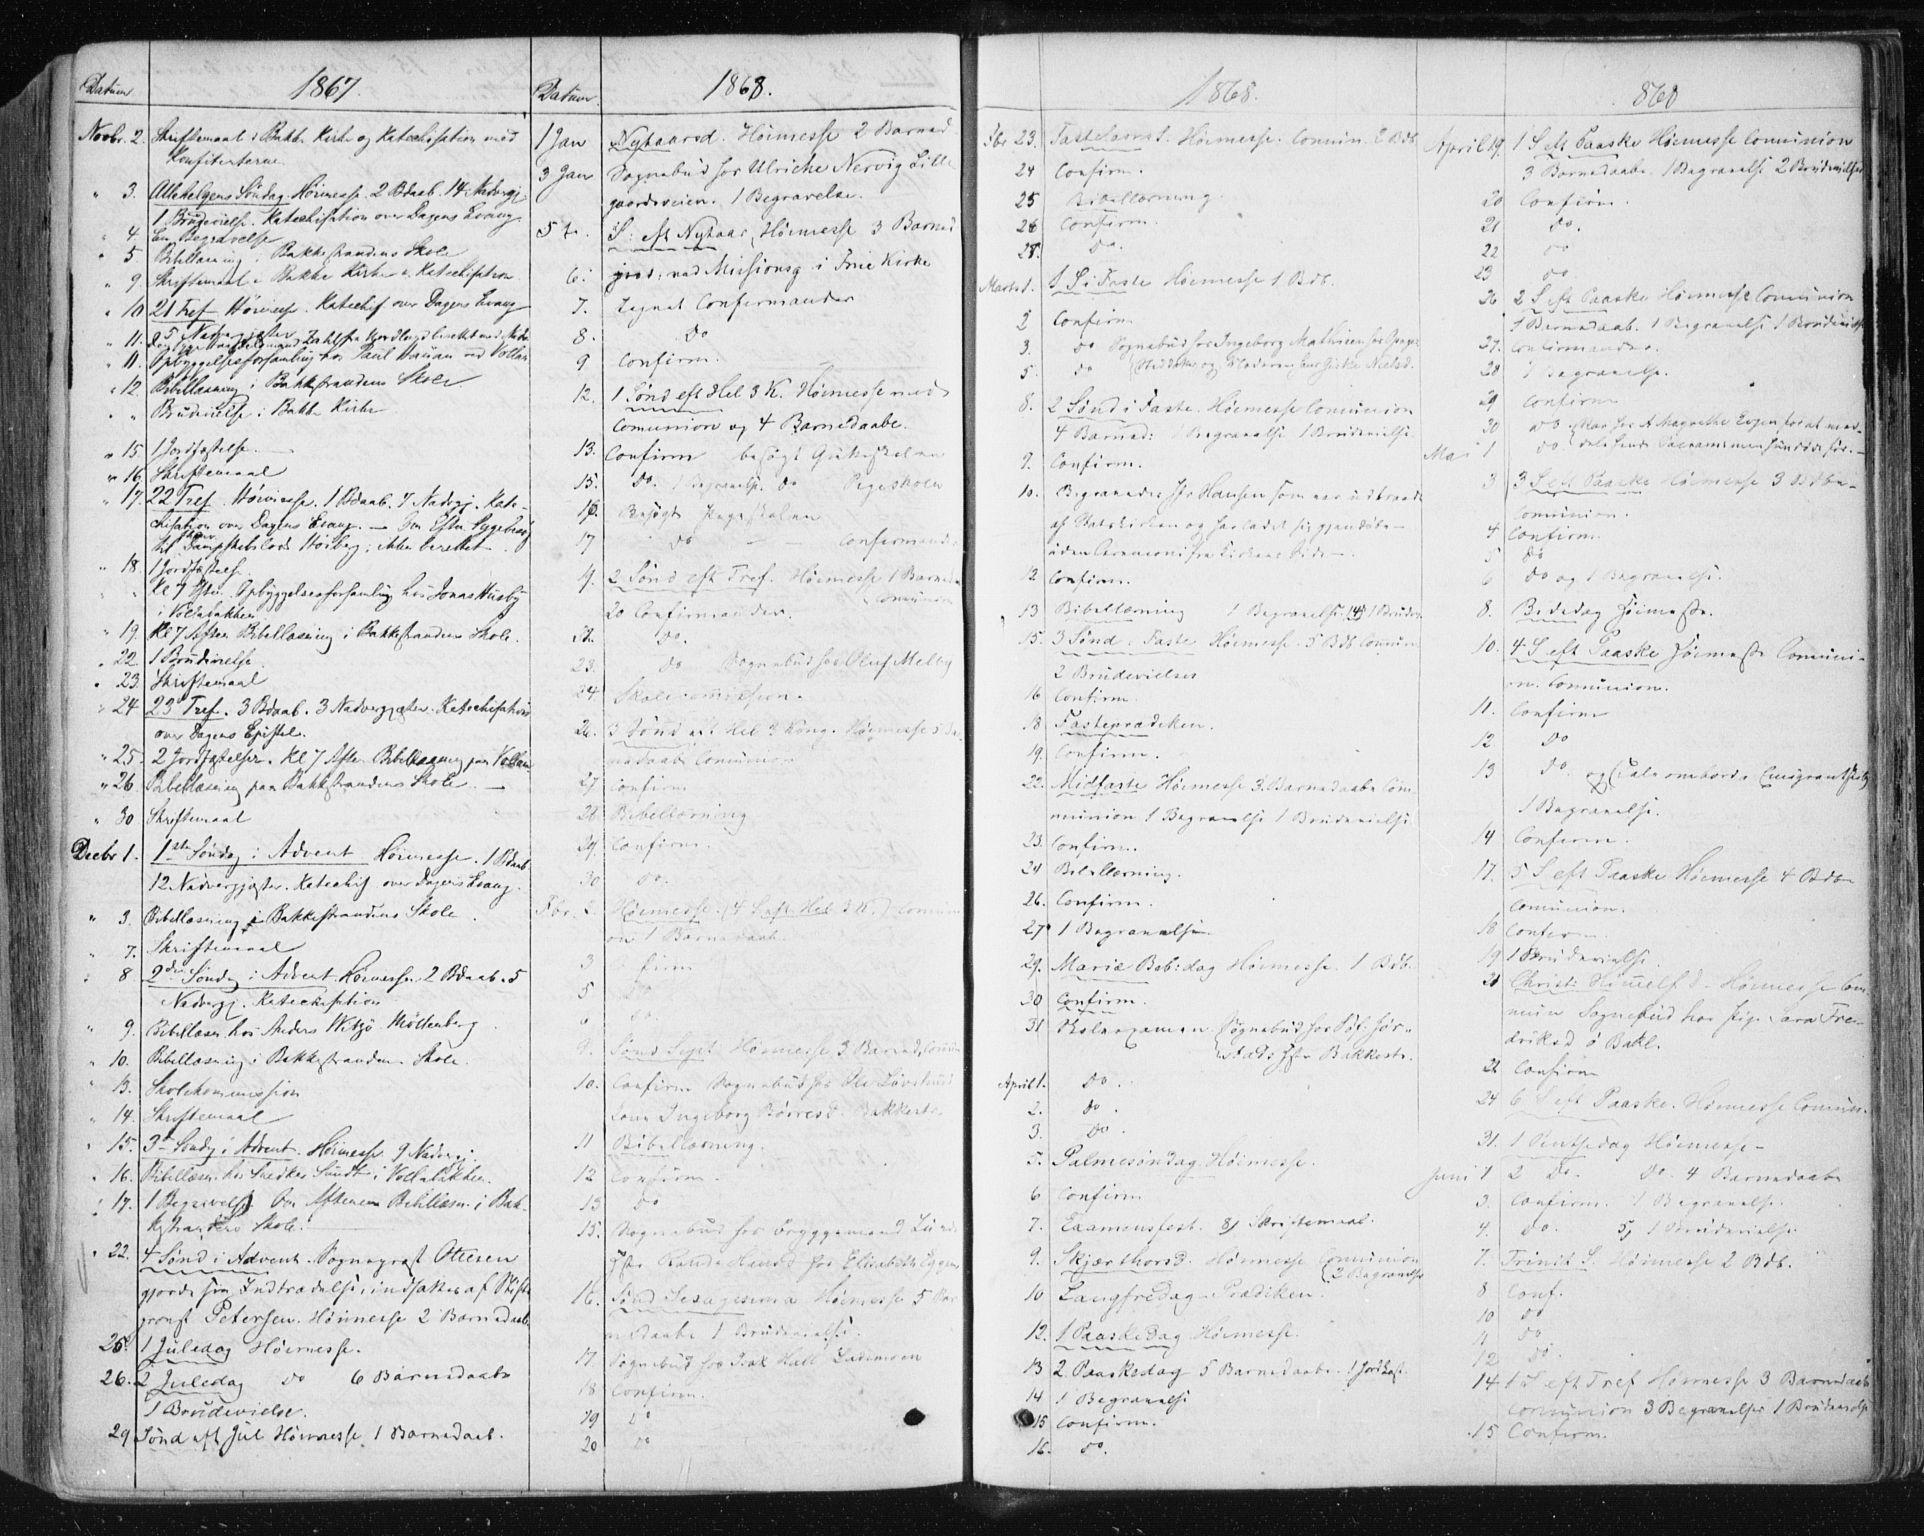 SAT, Ministerialprotokoller, klokkerbøker og fødselsregistre - Sør-Trøndelag, 604/L0186: Ministerialbok nr. 604A07, 1866-1877